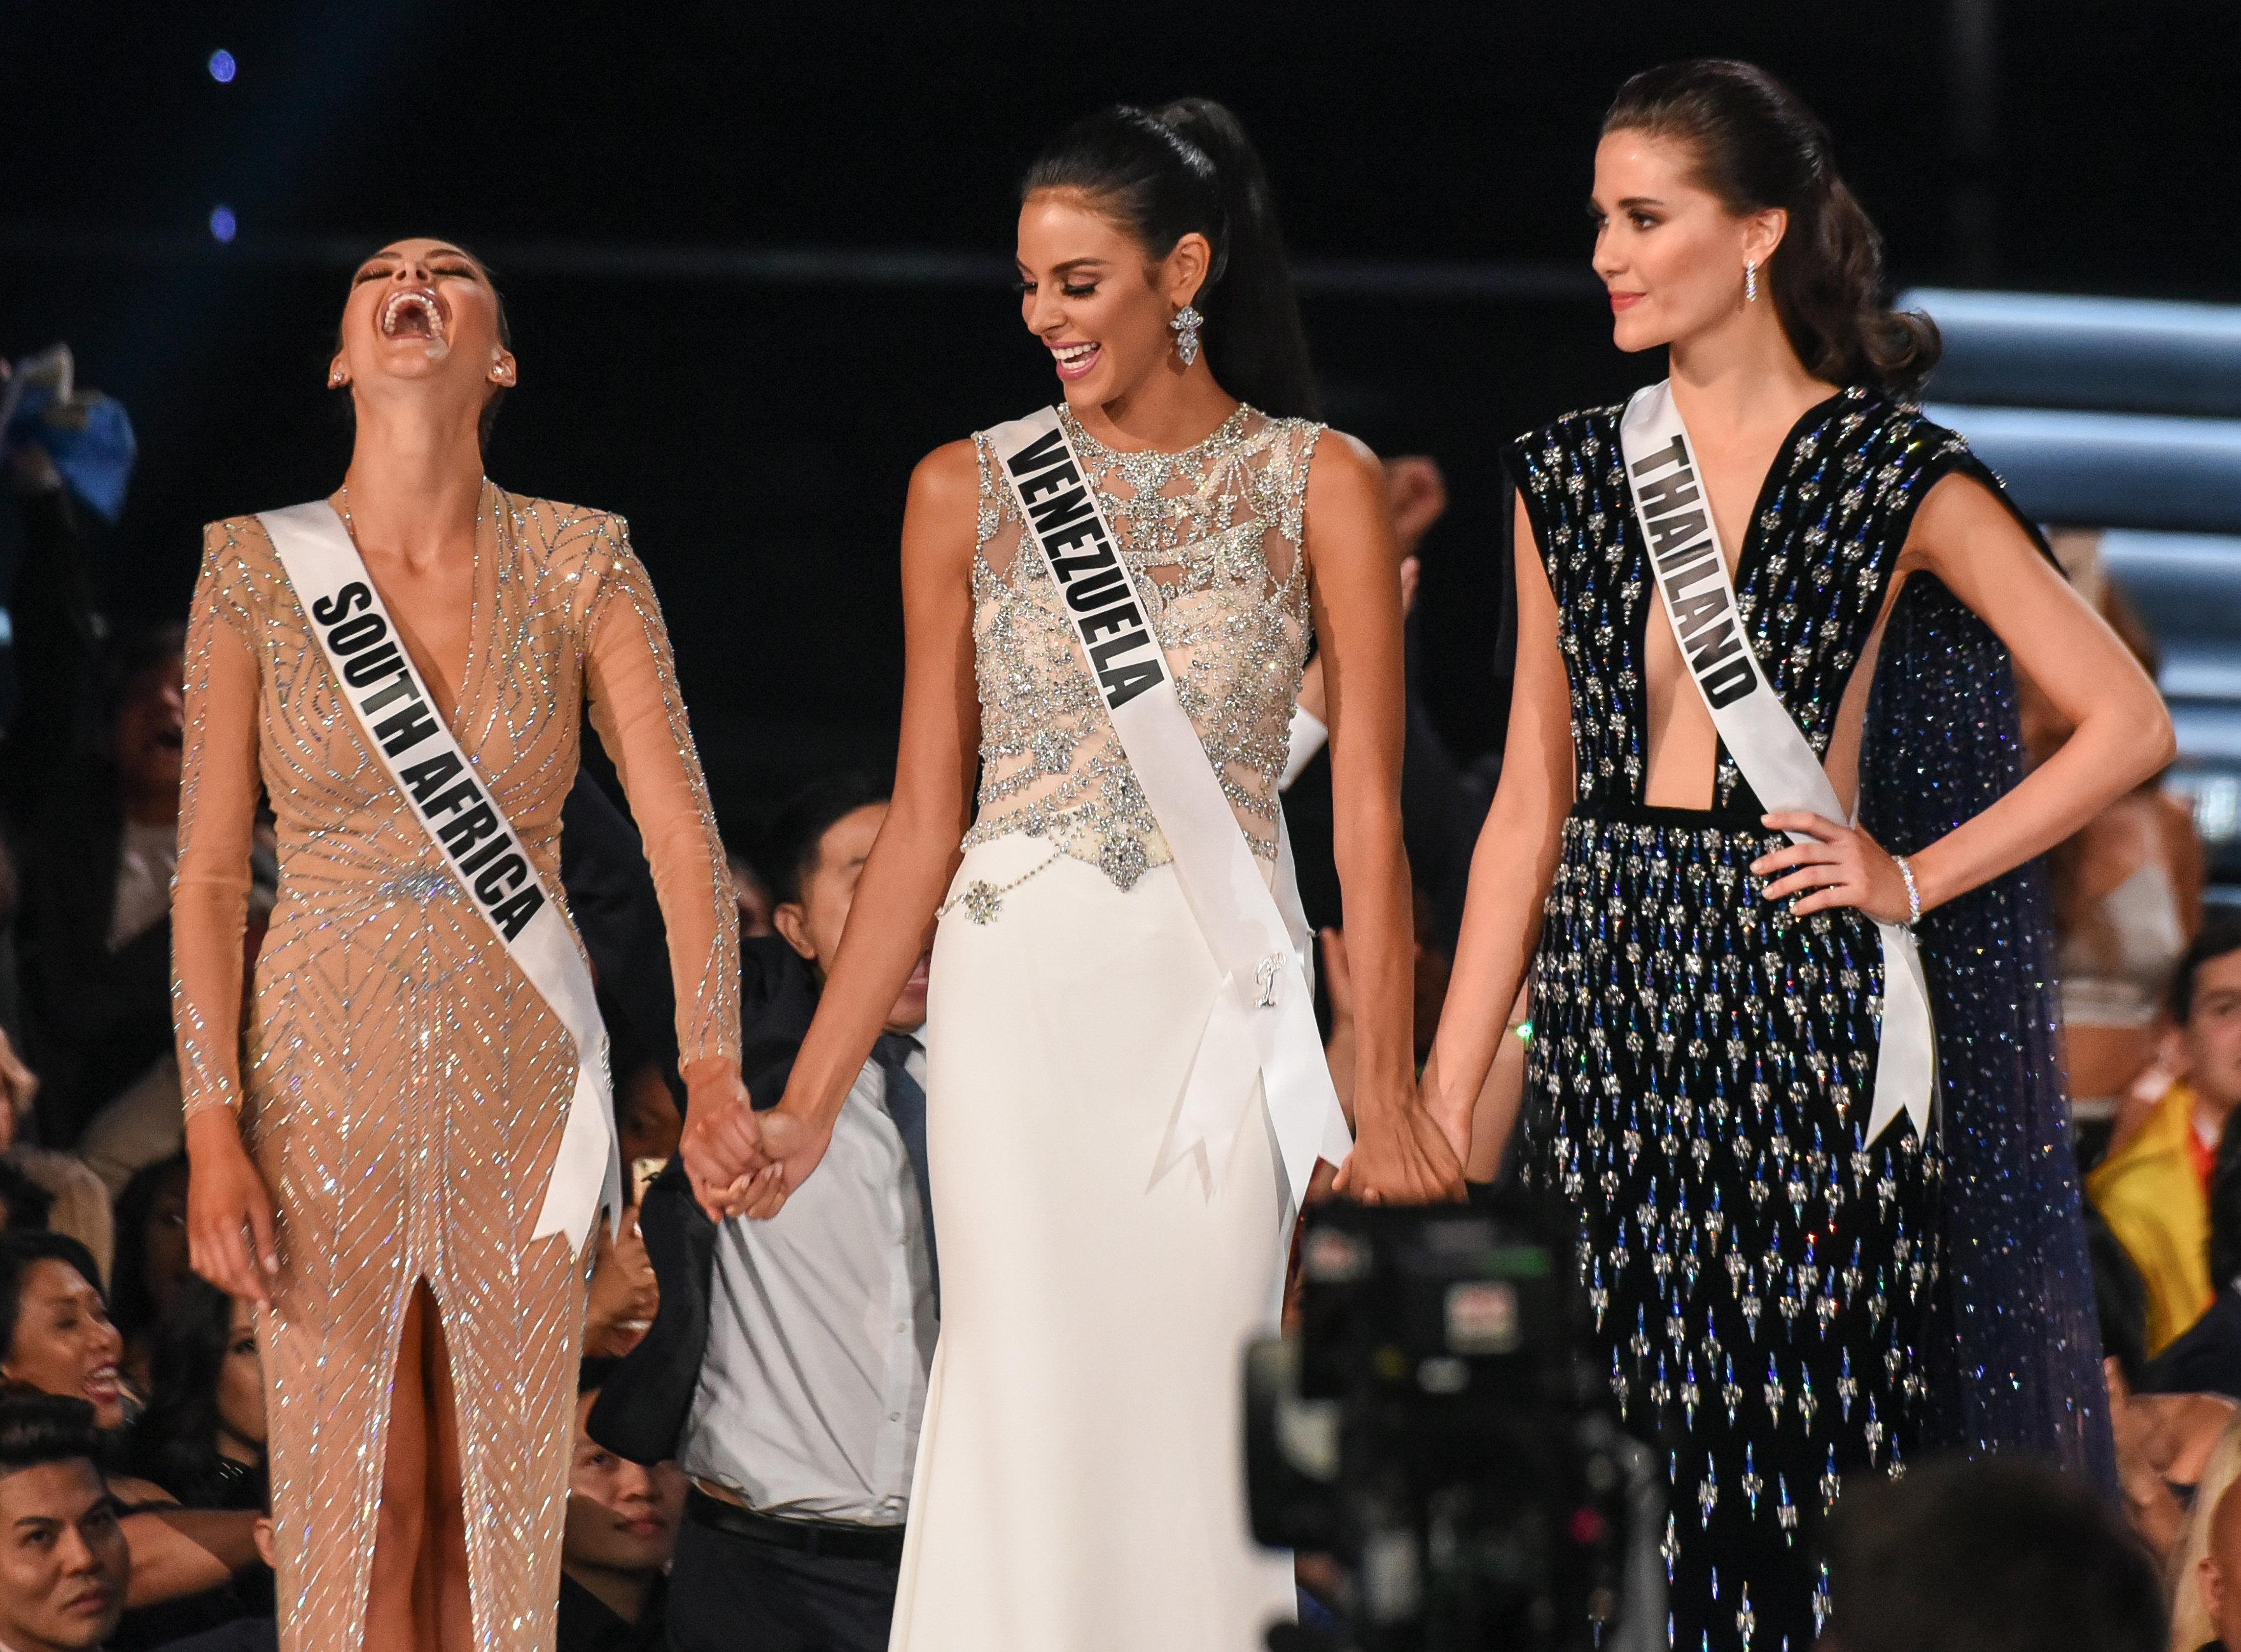 Κρίση στα καλλιστεία της Βενεζουέλας: Γιατί δεν βρίσκουν «Μις», αν και υπάρχουν